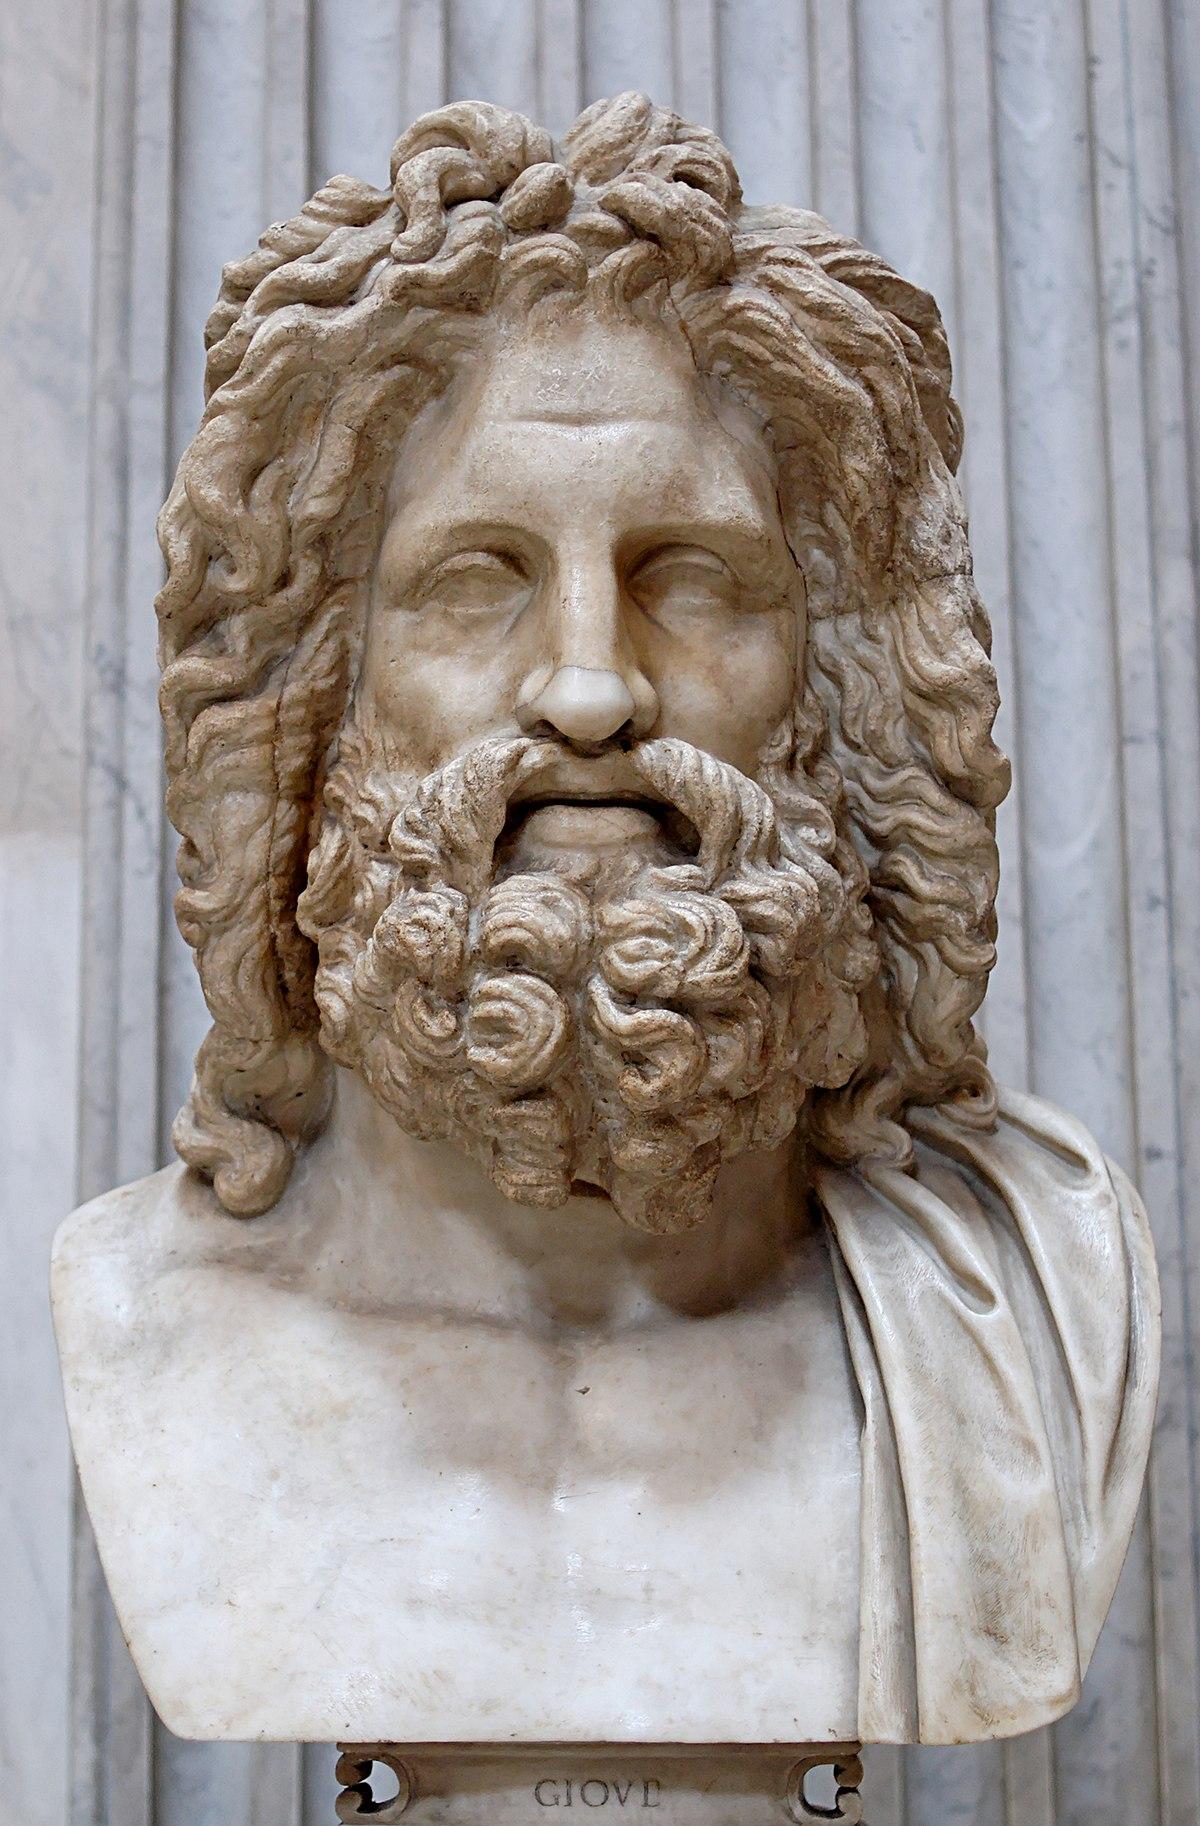 Legende Grecque En 8 Lettres : legende, grecque, lettres, Mythologie, Grecque, Wikipédia